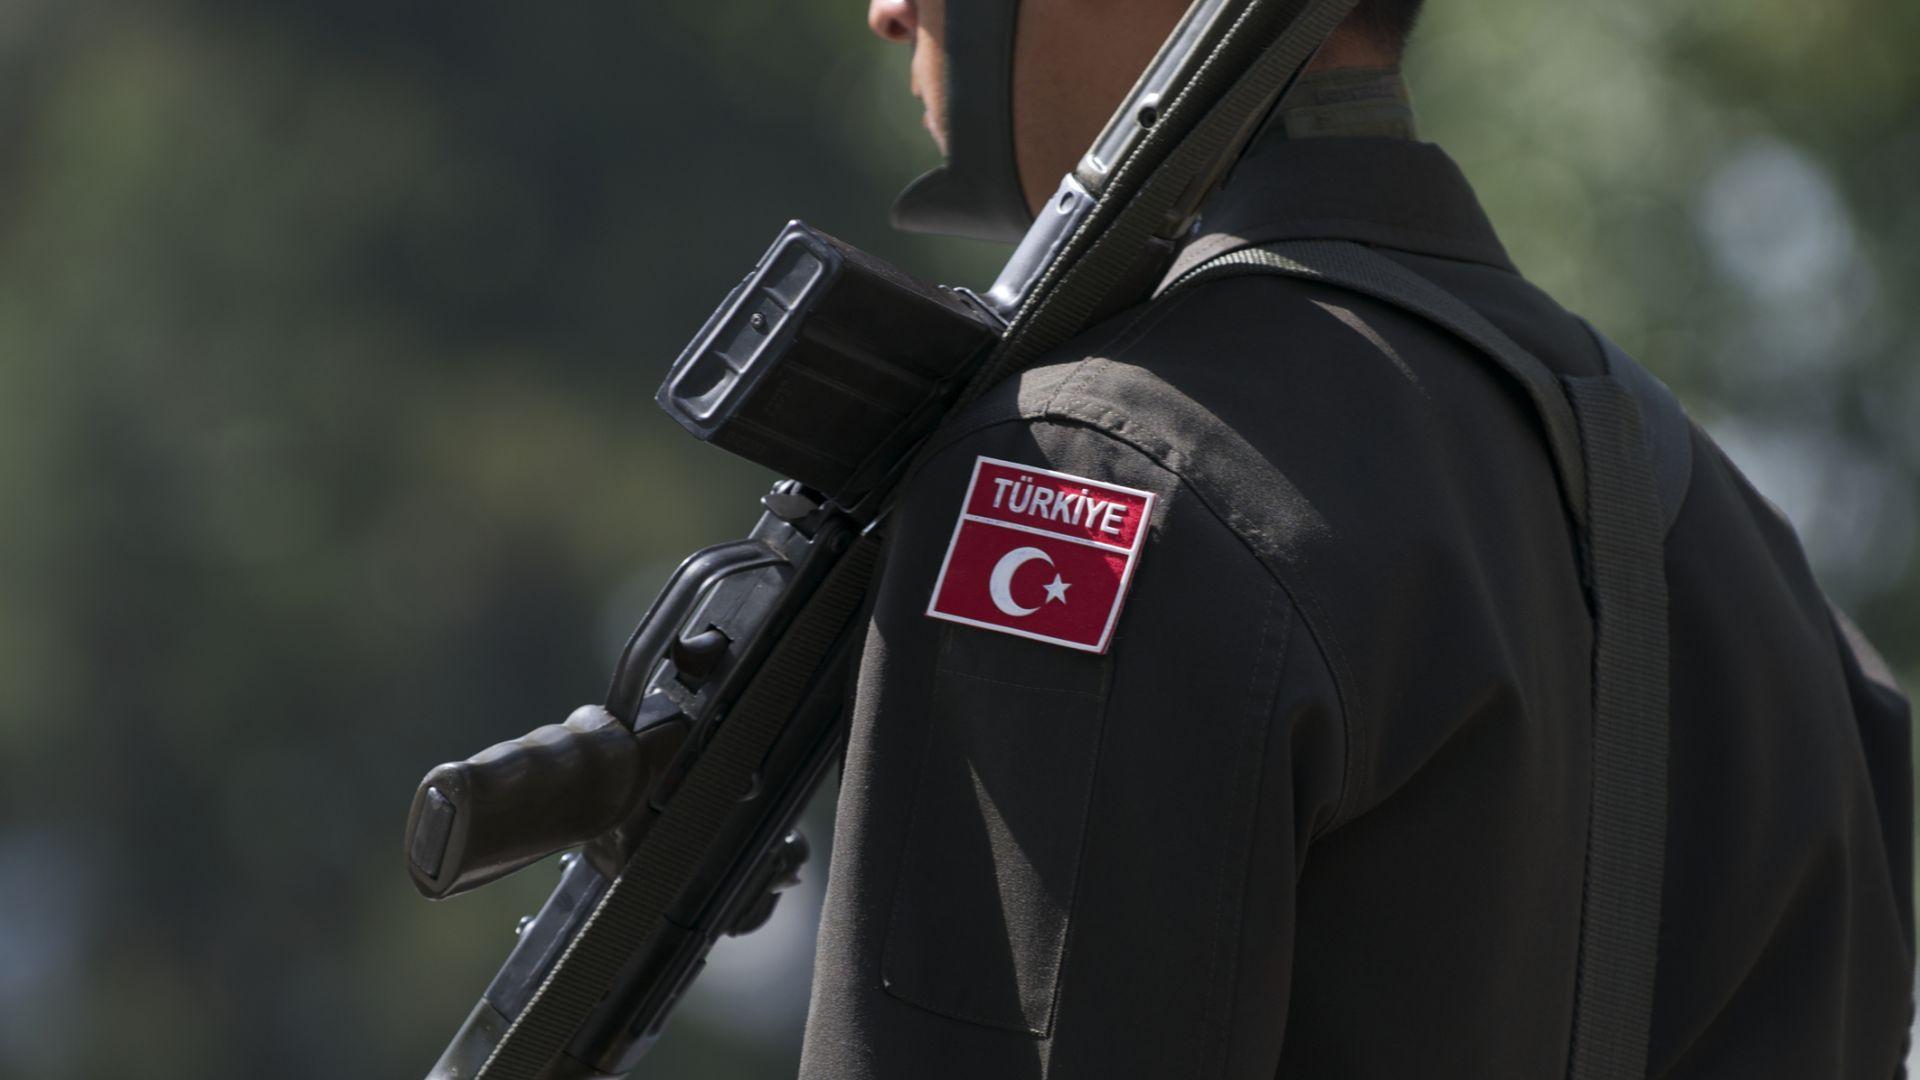 Войнишките изпращания все още са факт в Турция, но без музика и в тесен семеен кръг